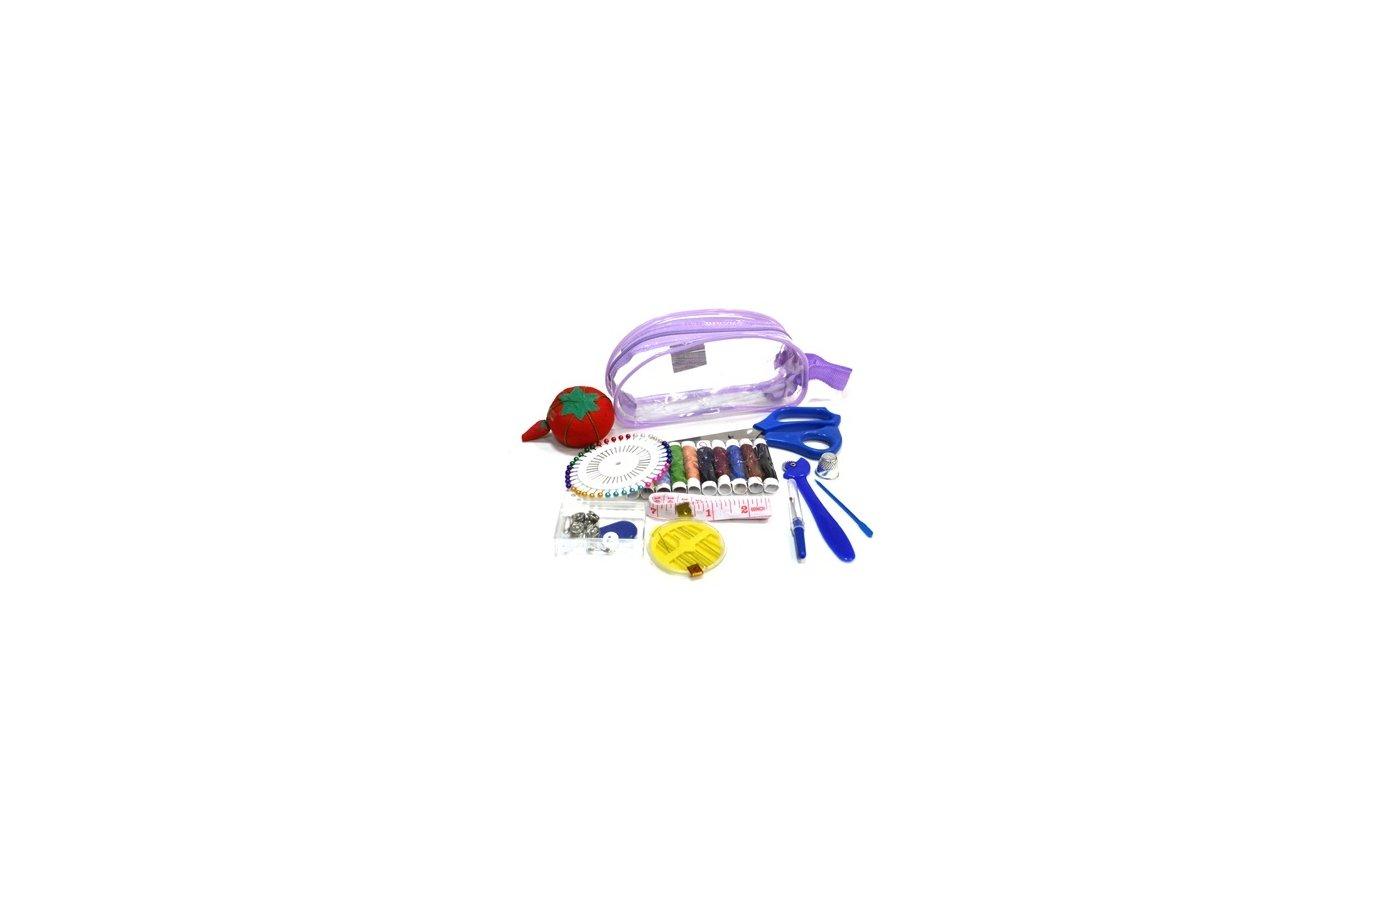 Аксессуары для швейных машин 308-002 Набор швейных принадлежностей дорожный 11пр. S-1 не используем